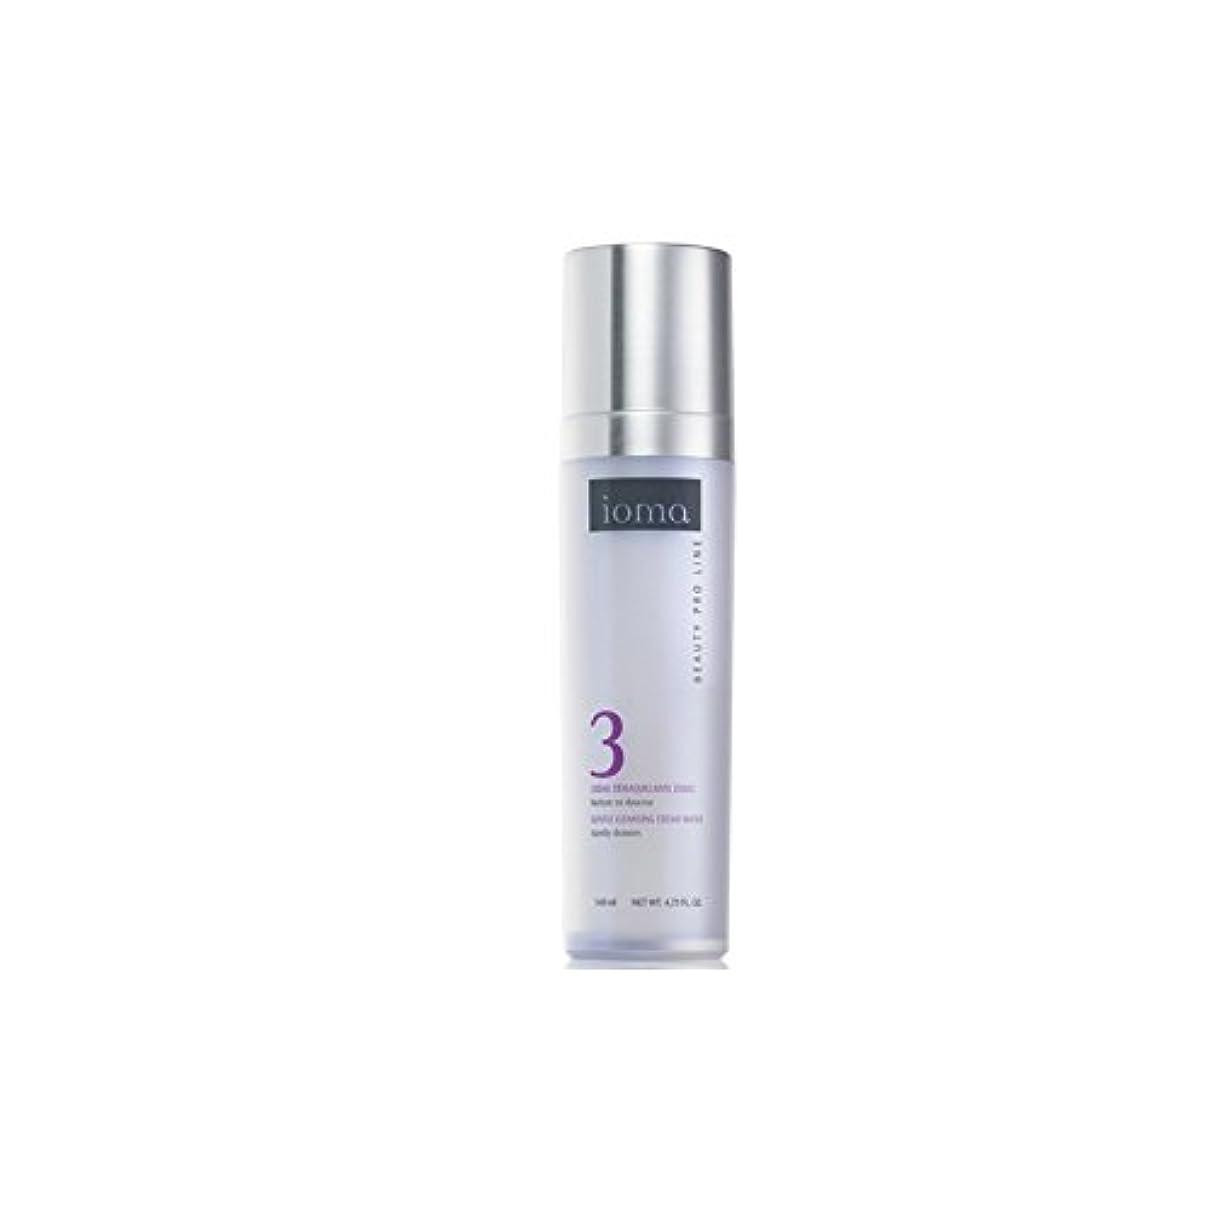 パキスタンお嬢リボンIoma Gentle Cleansing Cream Water 140ml (Pack of 6) - ジェントルクレンジングクリーム水140ミリリットル x6 [並行輸入品]